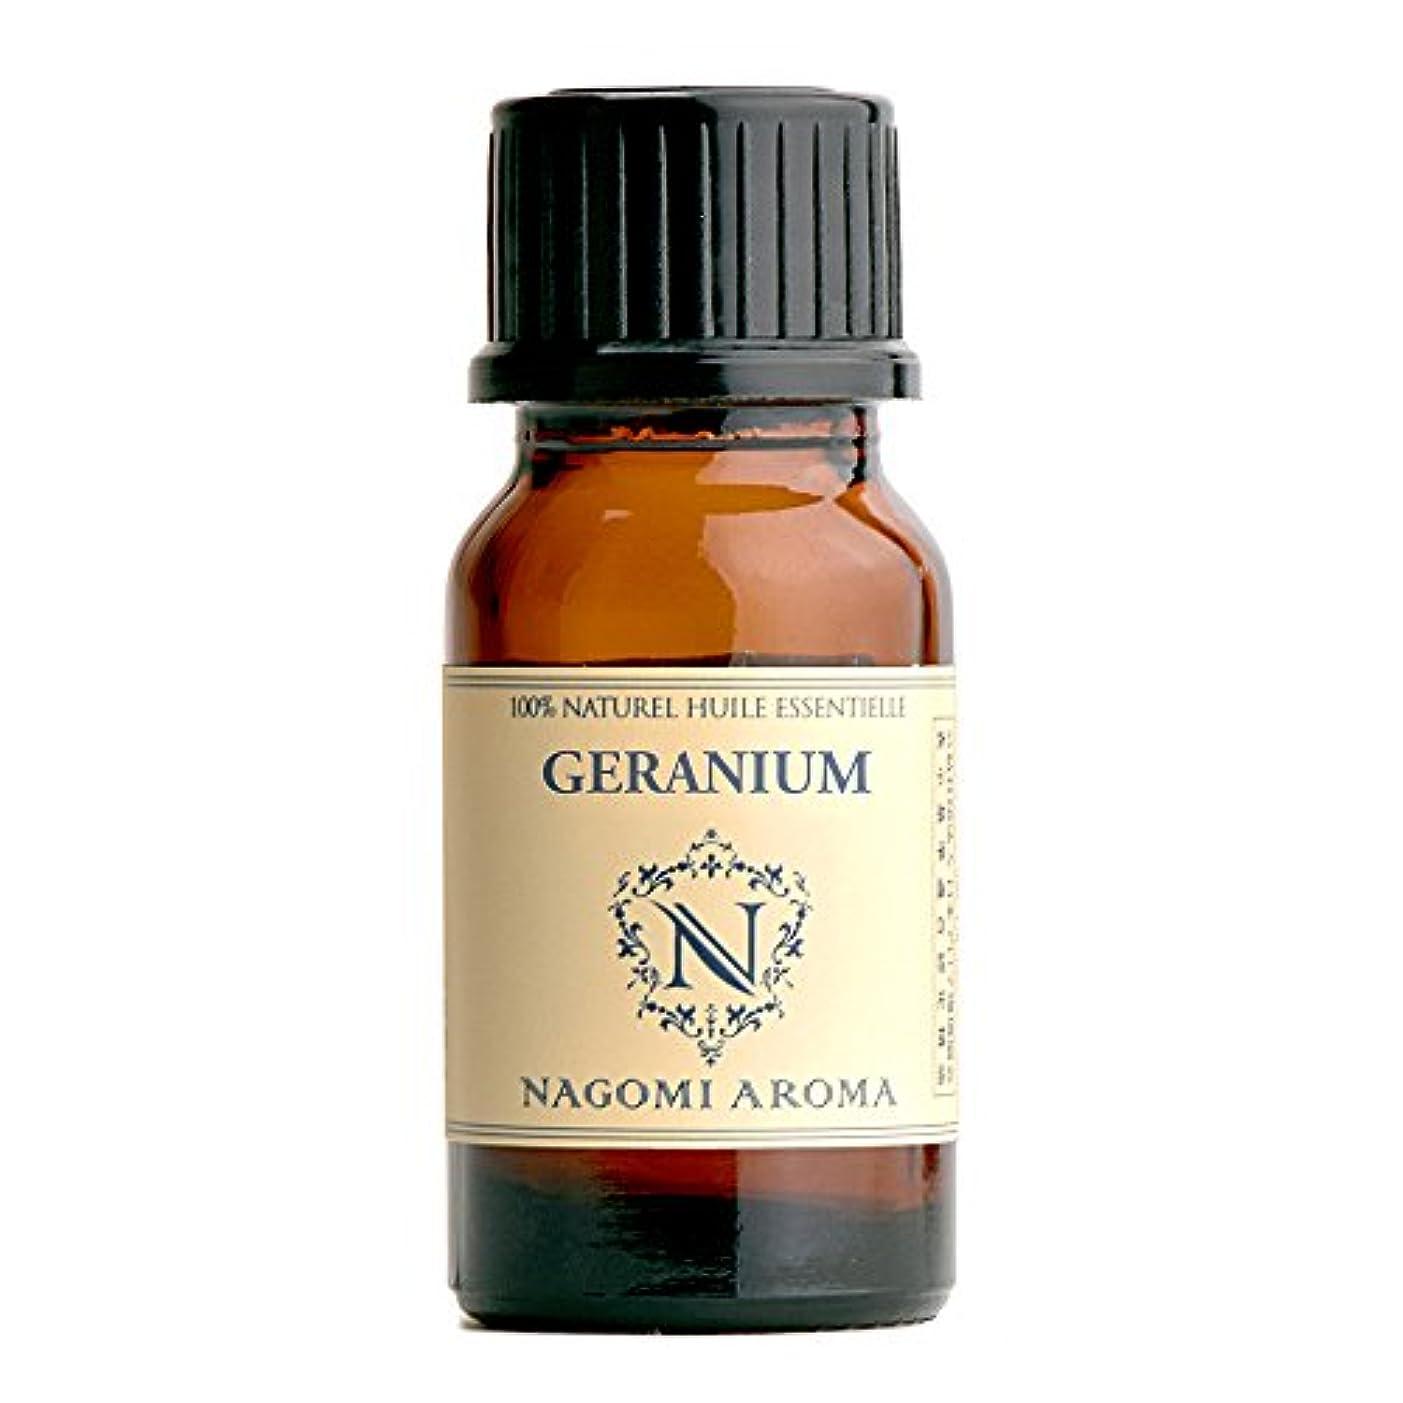 スピンイソギンチャク後継NAGOMI AROMA ゼラニウム 10ml 【AEAJ認定精油】【アロマオイル】